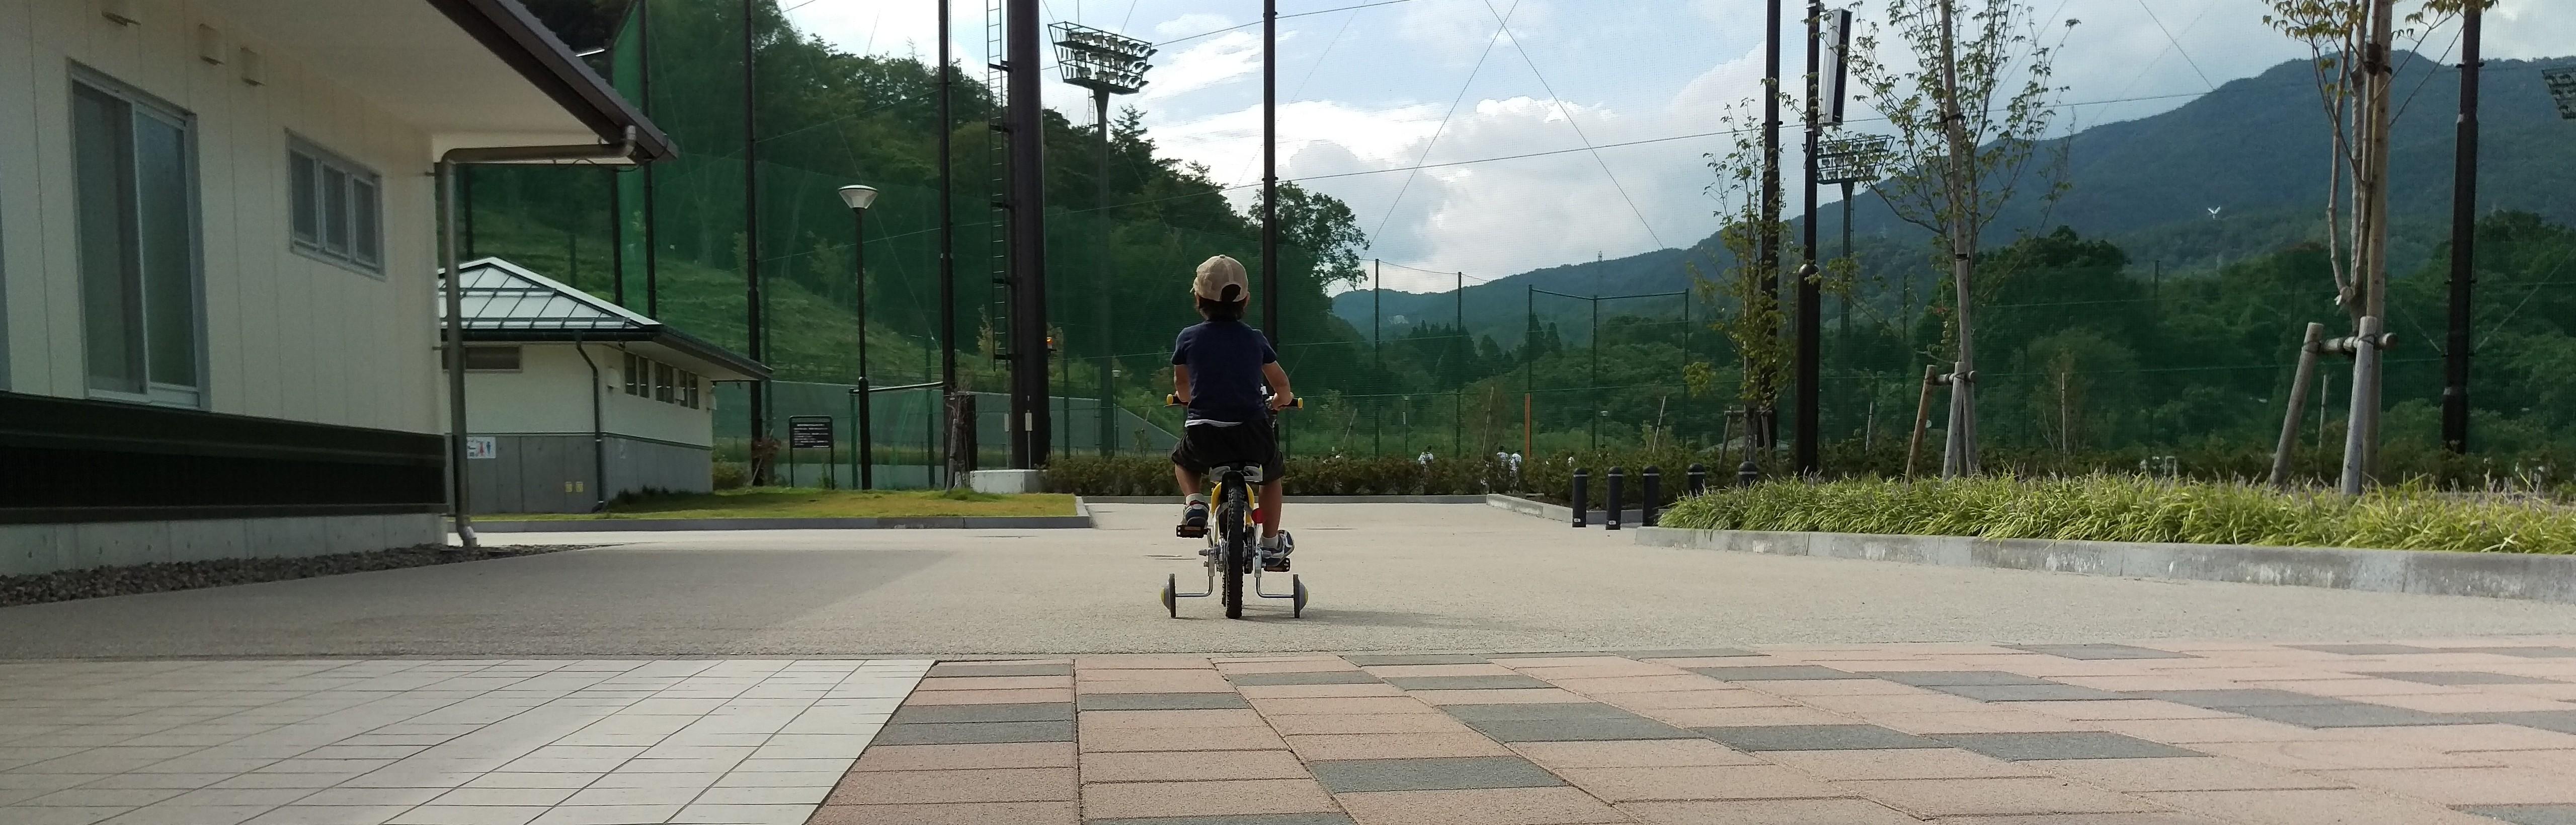 息子が自転車を漕ぐ後ろ姿